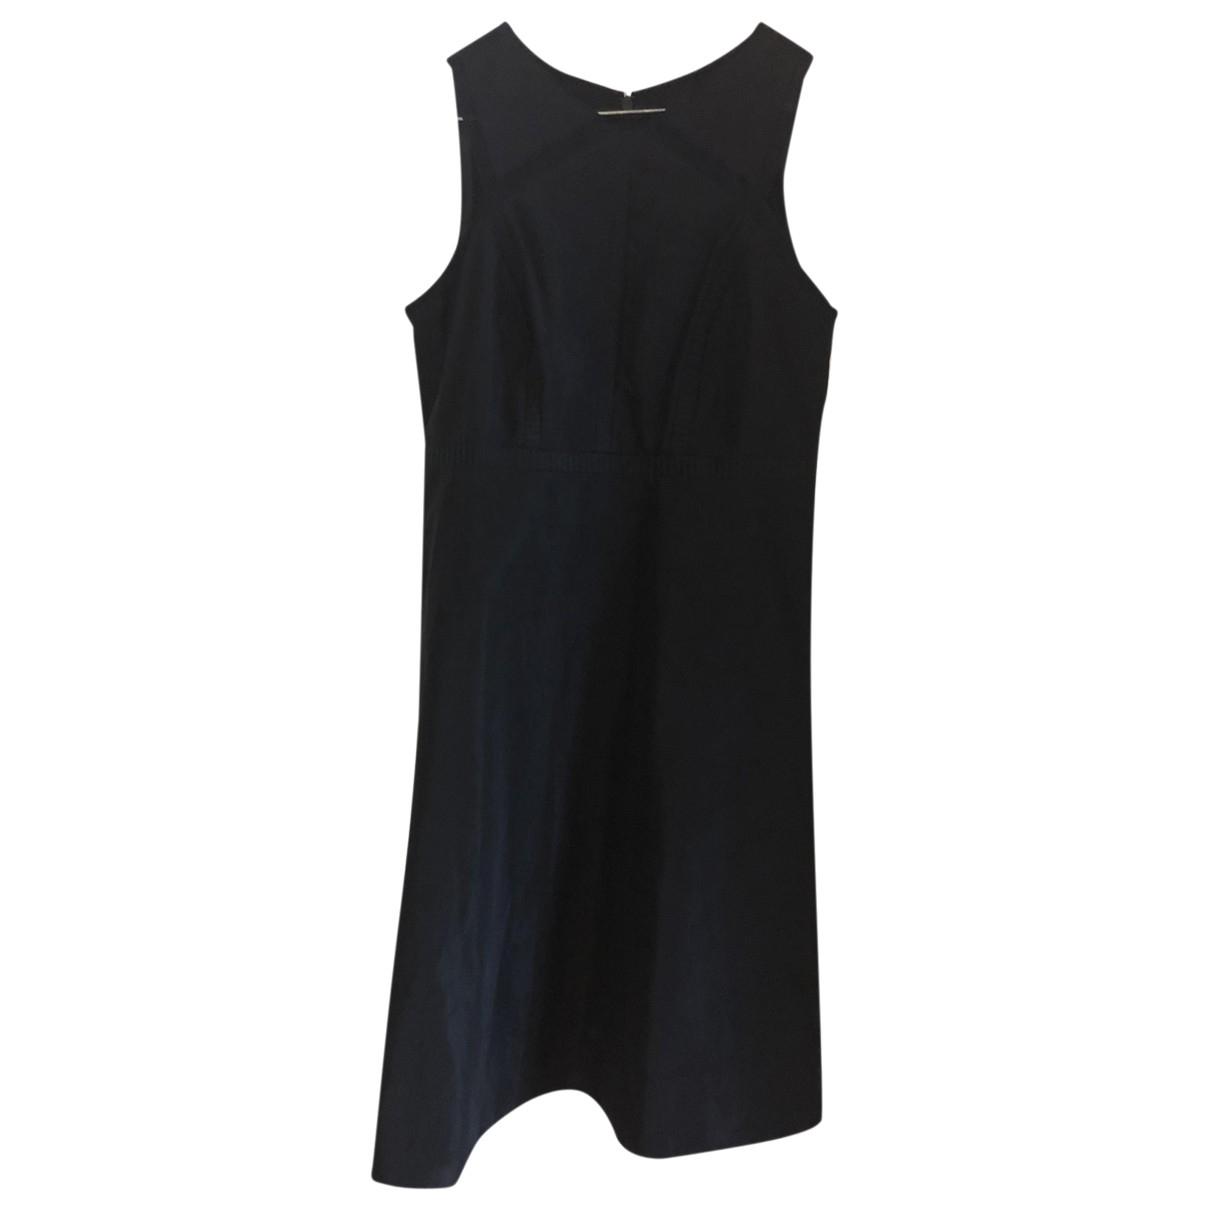 Cos \N Black dress for Women 40 FR